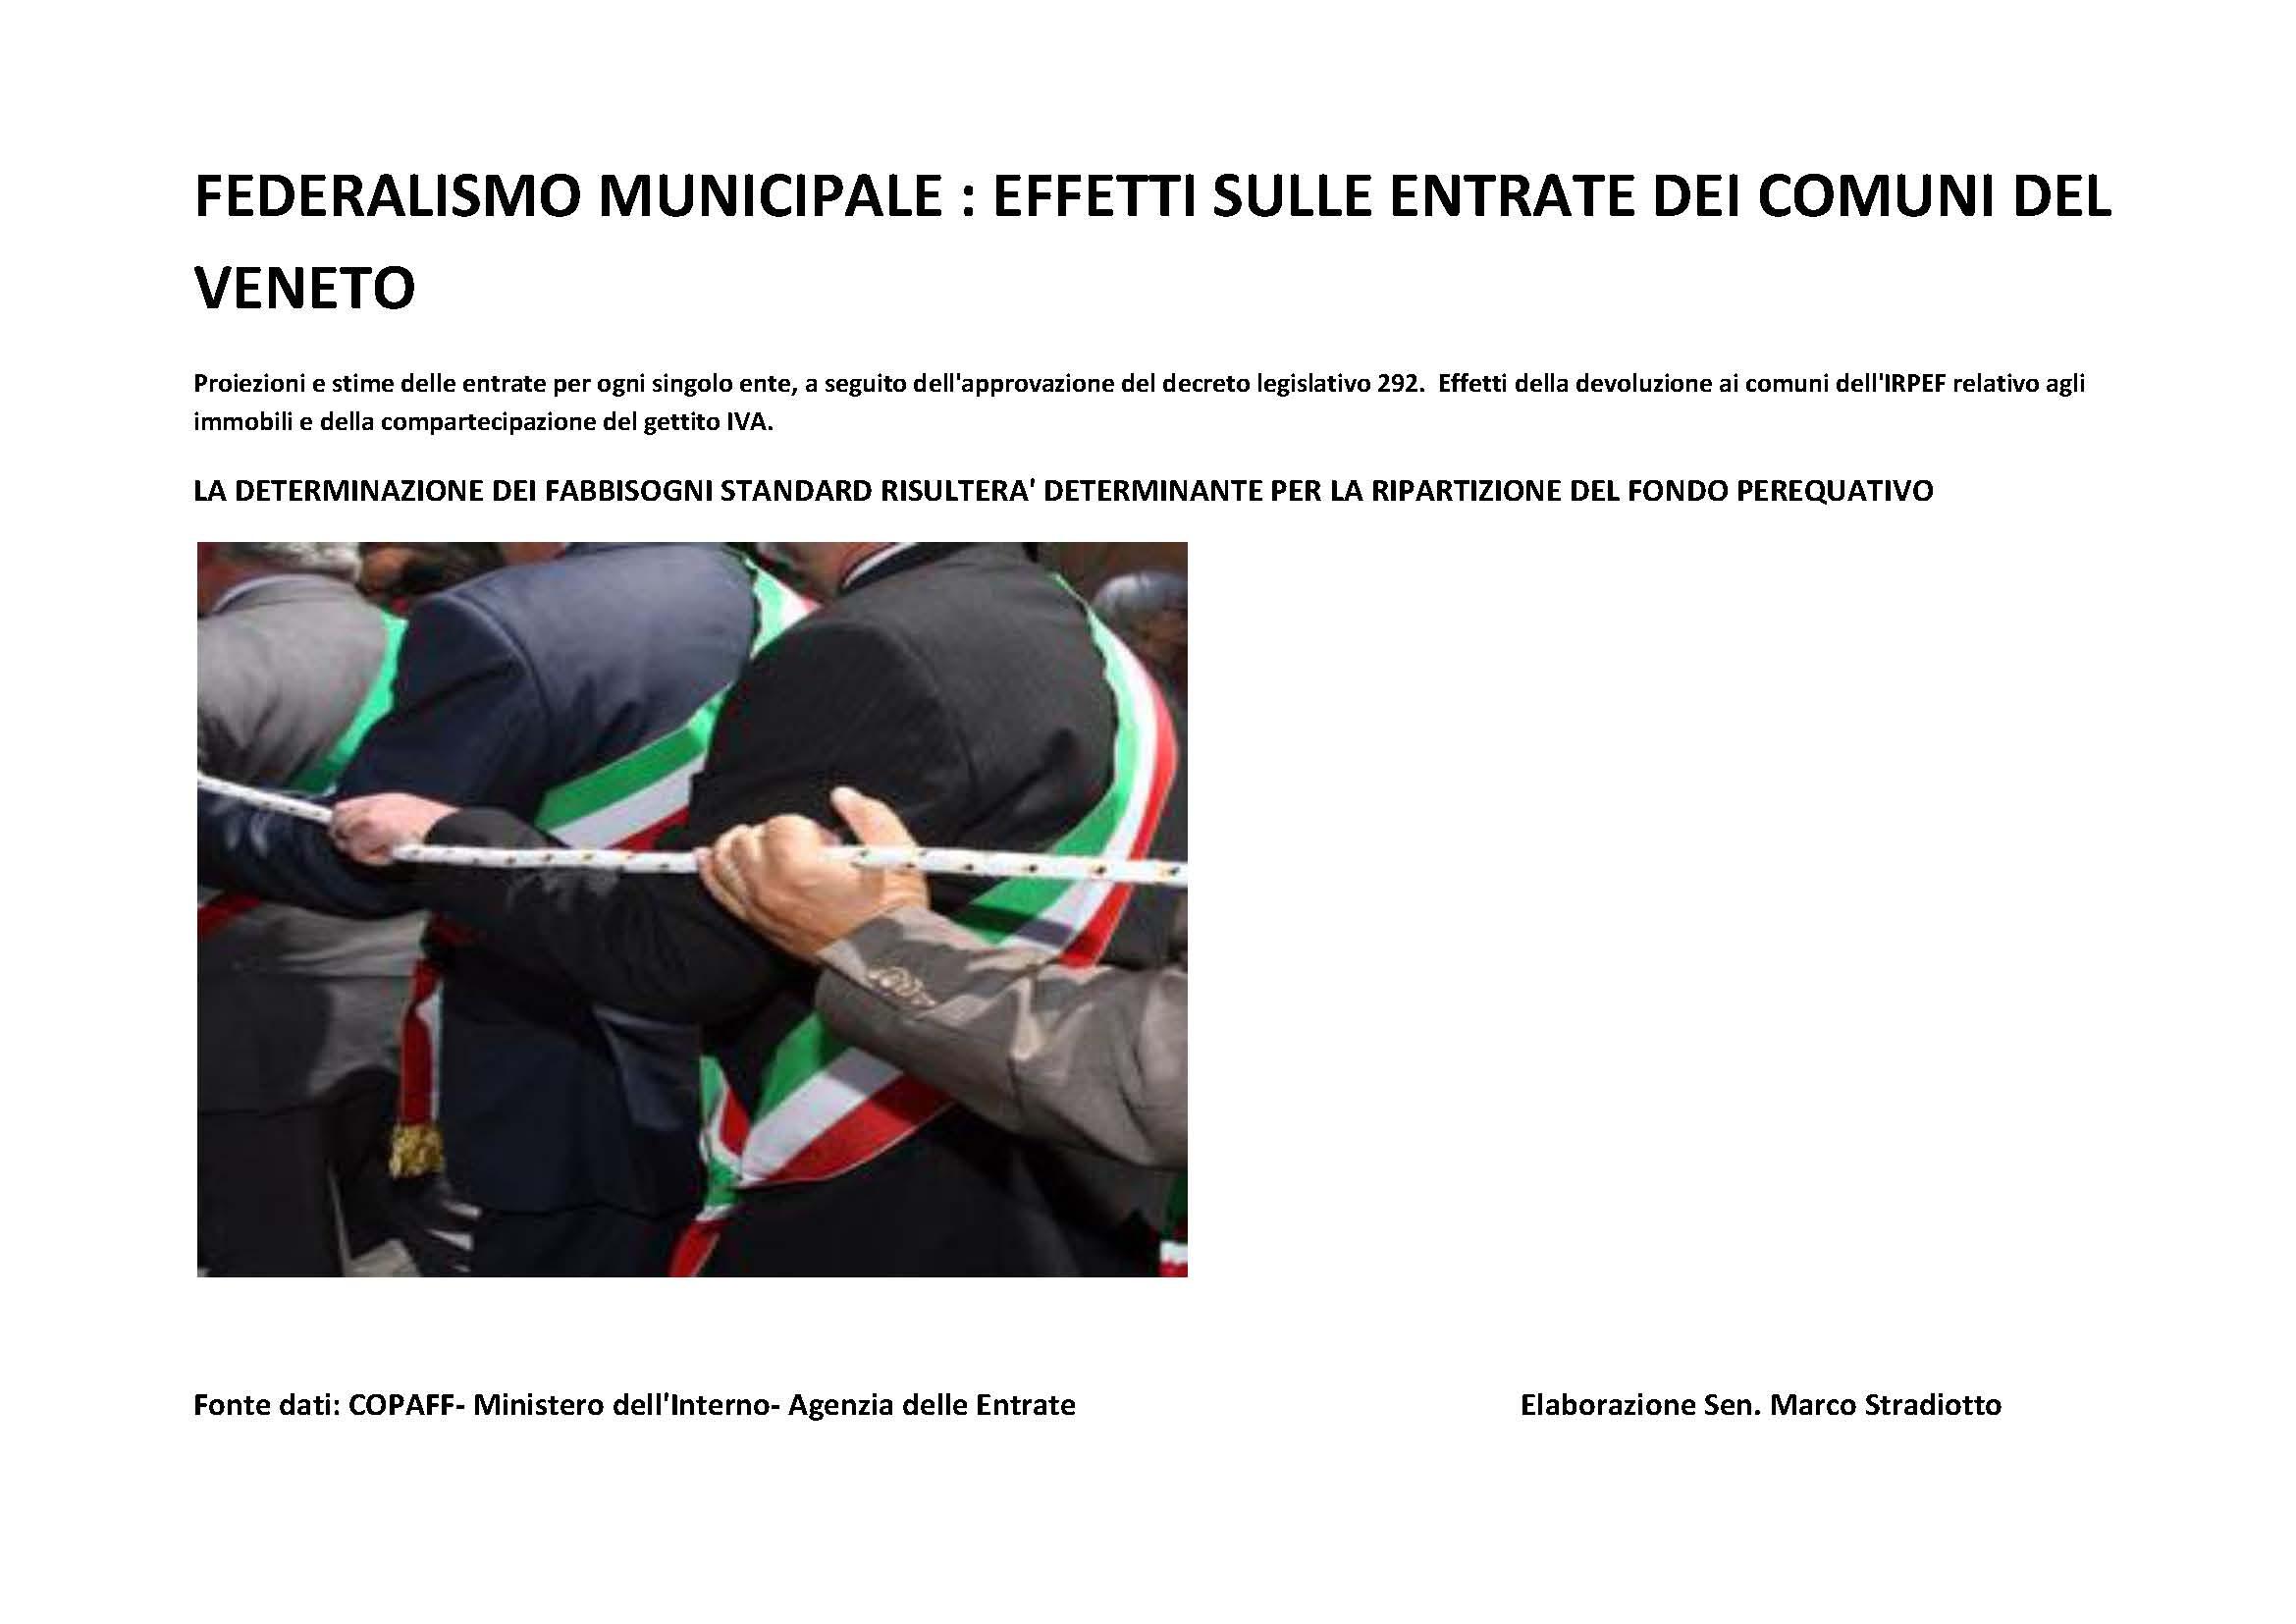 IL FEDERALISMO MUNICIPALE CON DIFFICOLTA' RIUSCIRA' A DARE AI COMUNI DEL VENETO PIU' TRASFERIMENTI DEL 2010